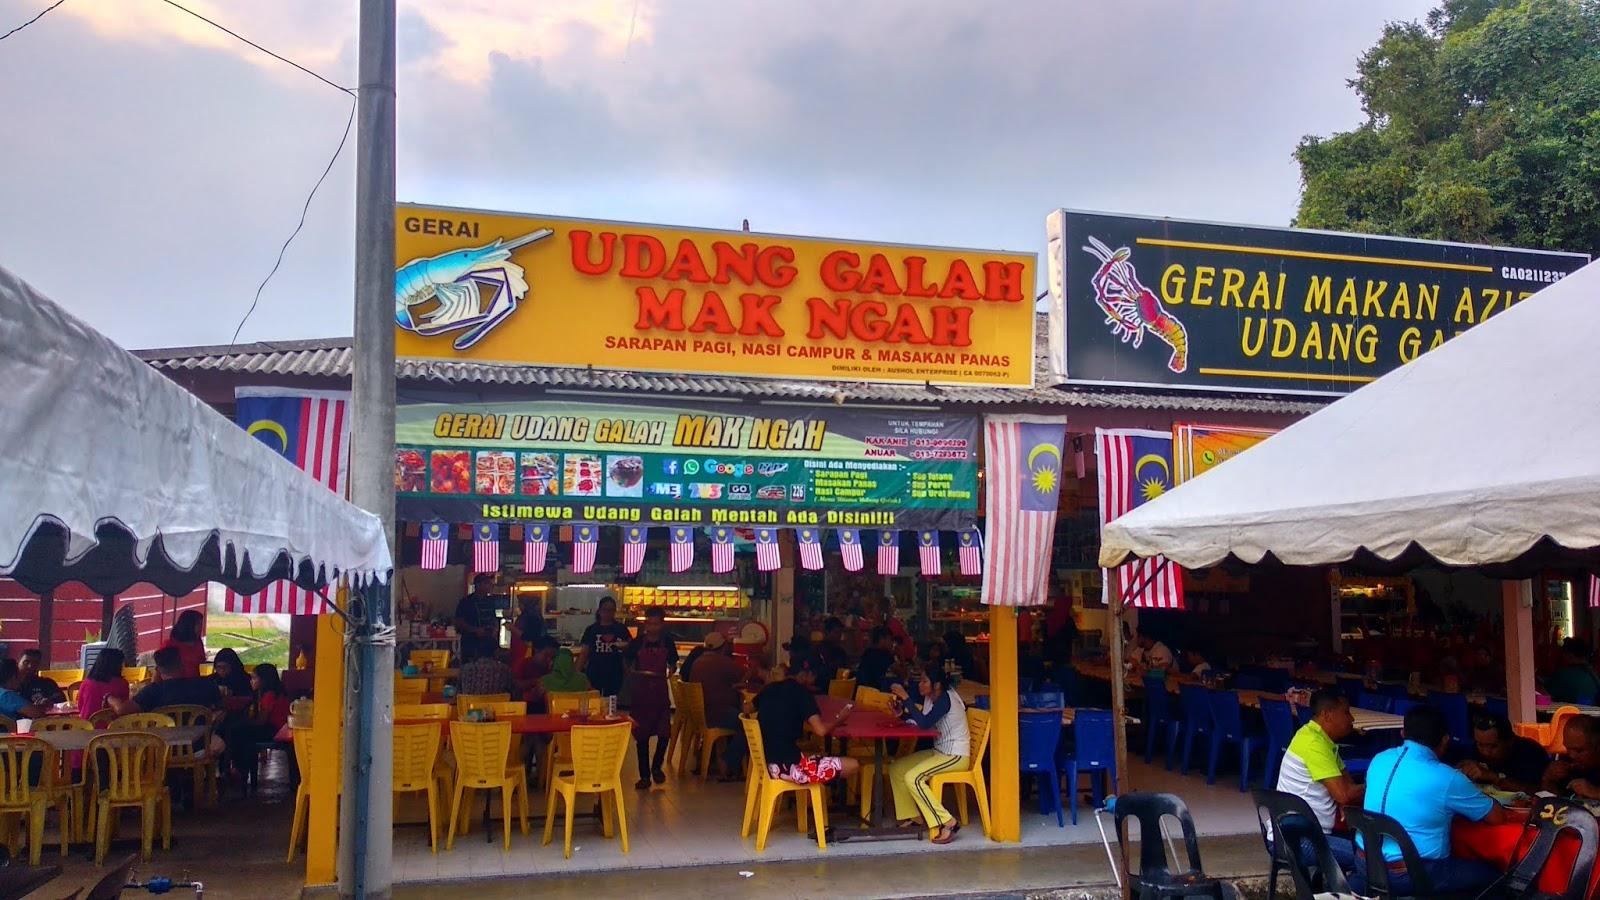 Image result for restoran udang galah mak ngah